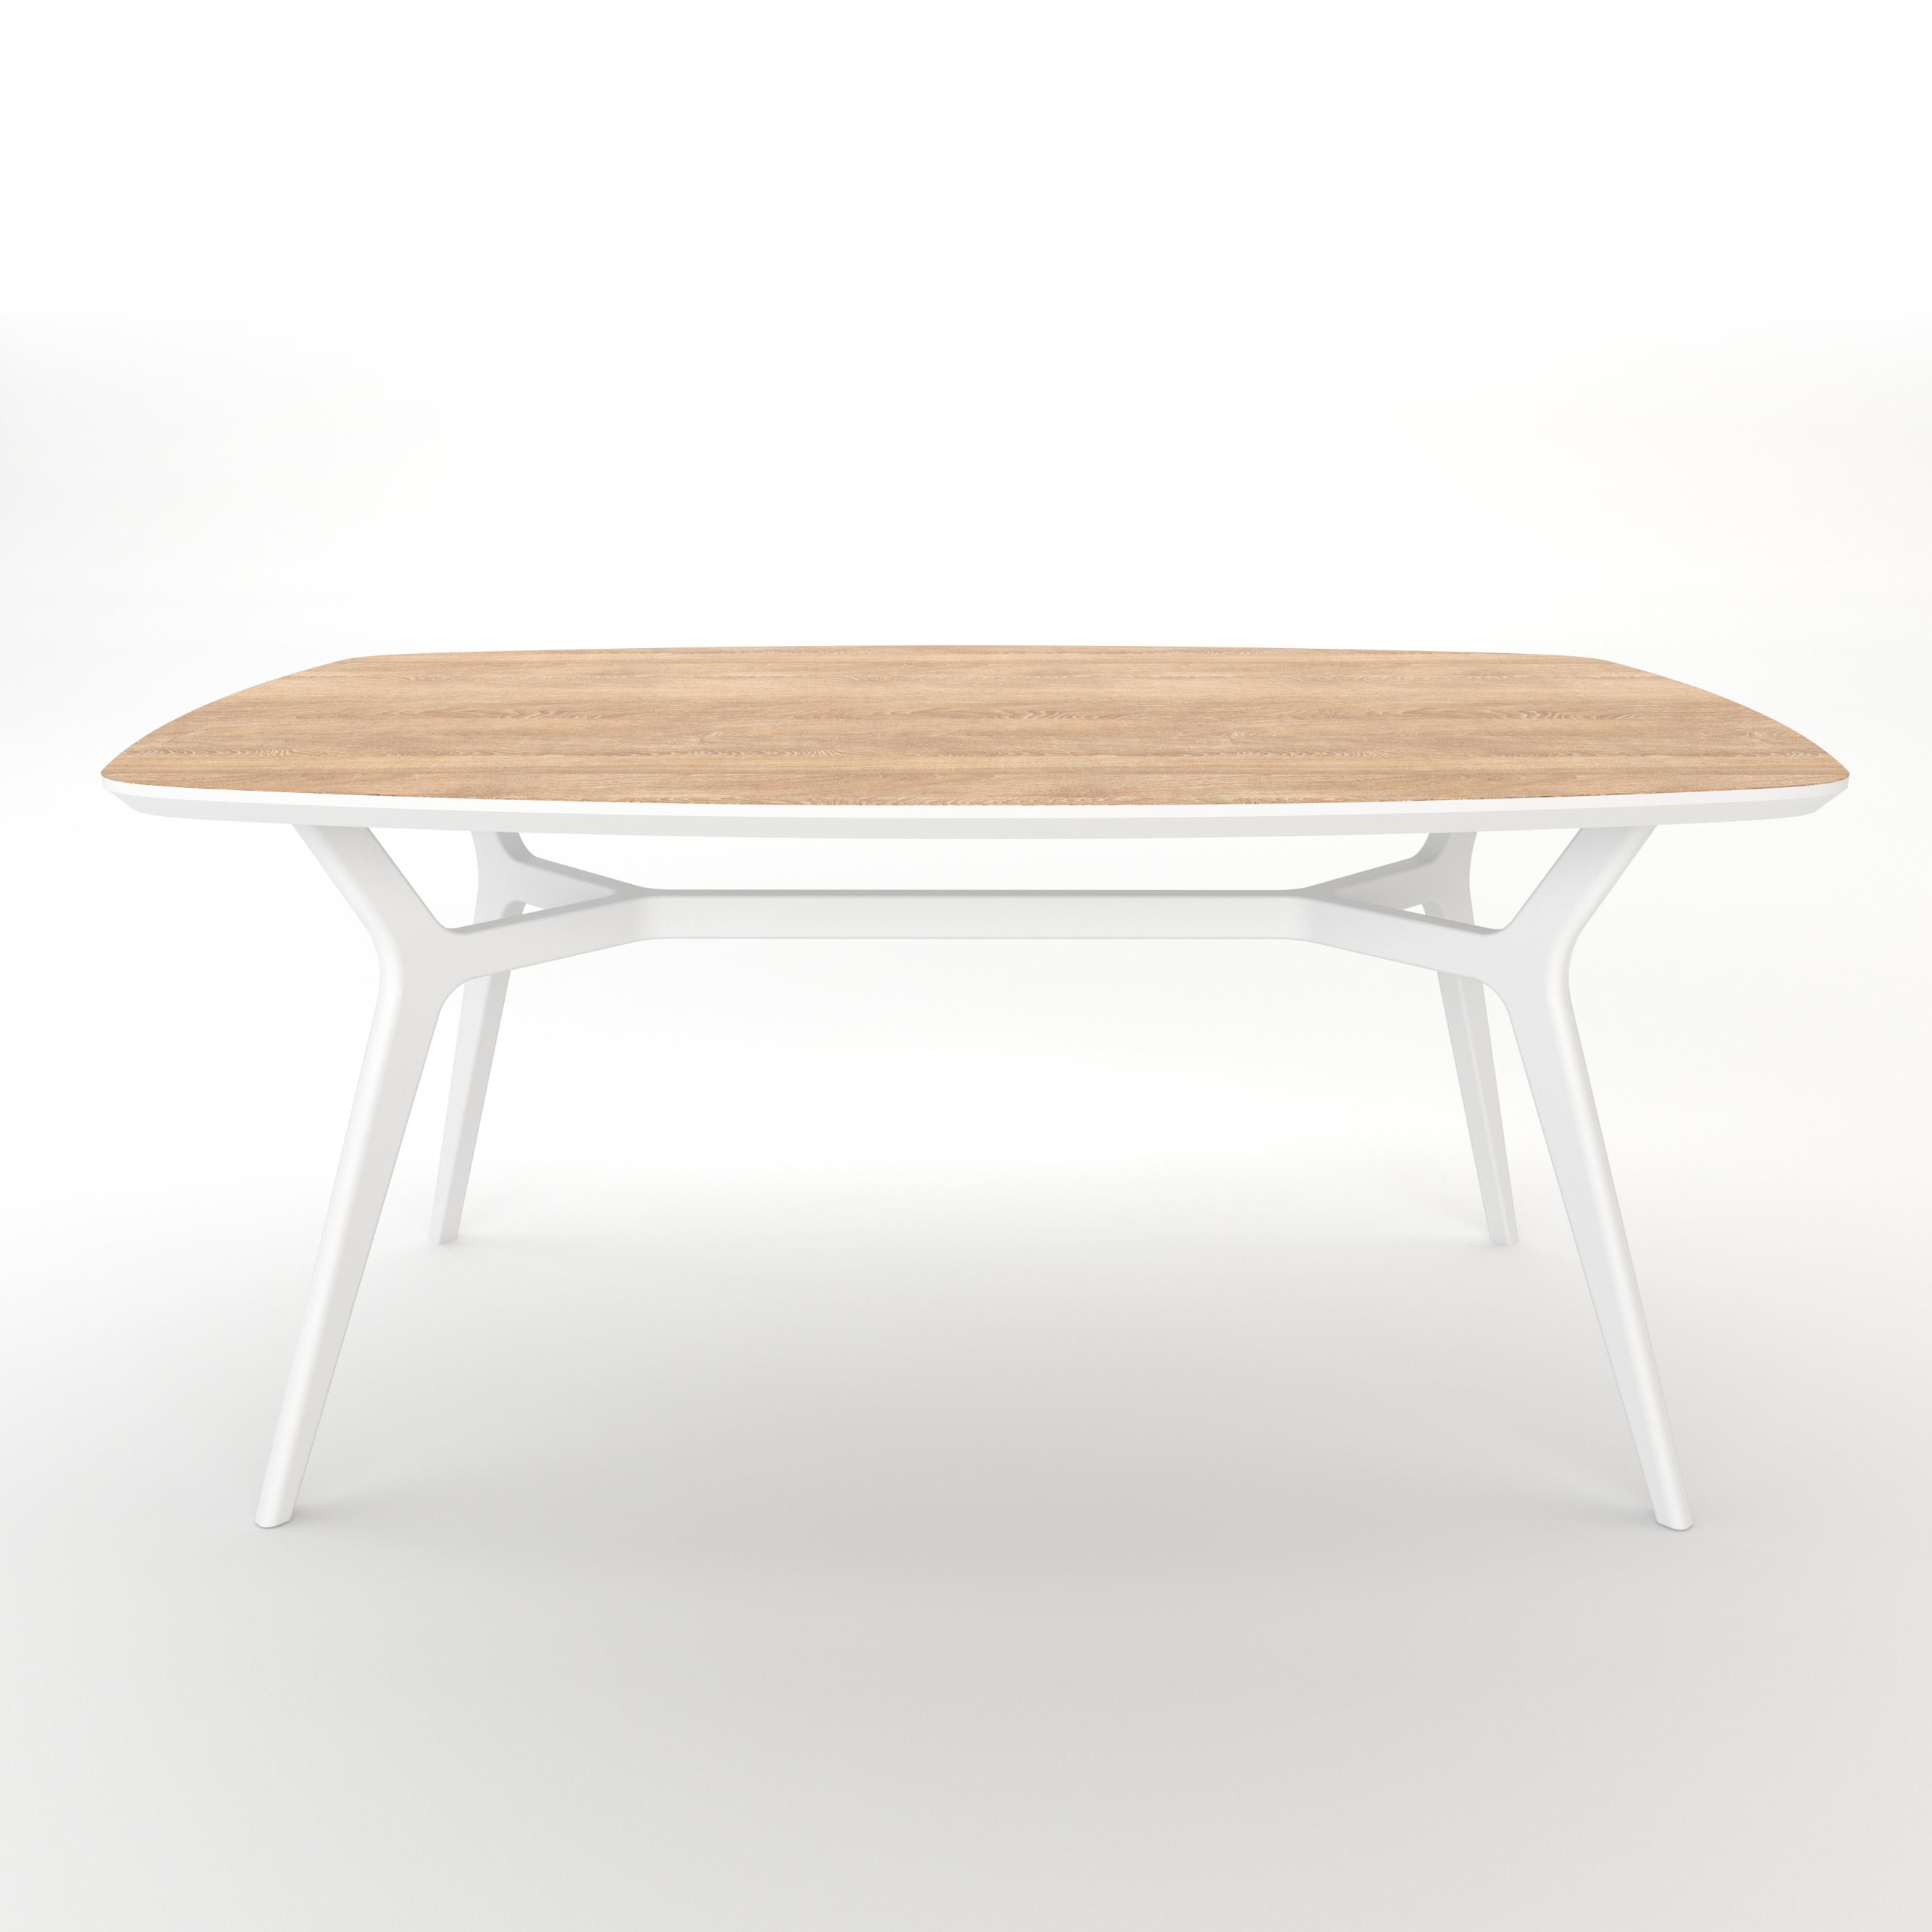 Стол JohannОбеденные столы<br>Тщательная проработка деталей и пропорций стола позволяет ему идеально вписаться в любой интерьер.&amp;lt;div&amp;gt;&amp;lt;br&amp;gt;&amp;lt;/div&amp;gt;&amp;lt;div&amp;gt;Отделка столешницы шпоном дуба, подстолье выкрашено в белый цвет. Сборка не требуется.  &amp;lt;/div&amp;gt;<br><br>Material: МДФ<br>Ширина см: 160<br>Высота см: 75<br>Глубина см: 100